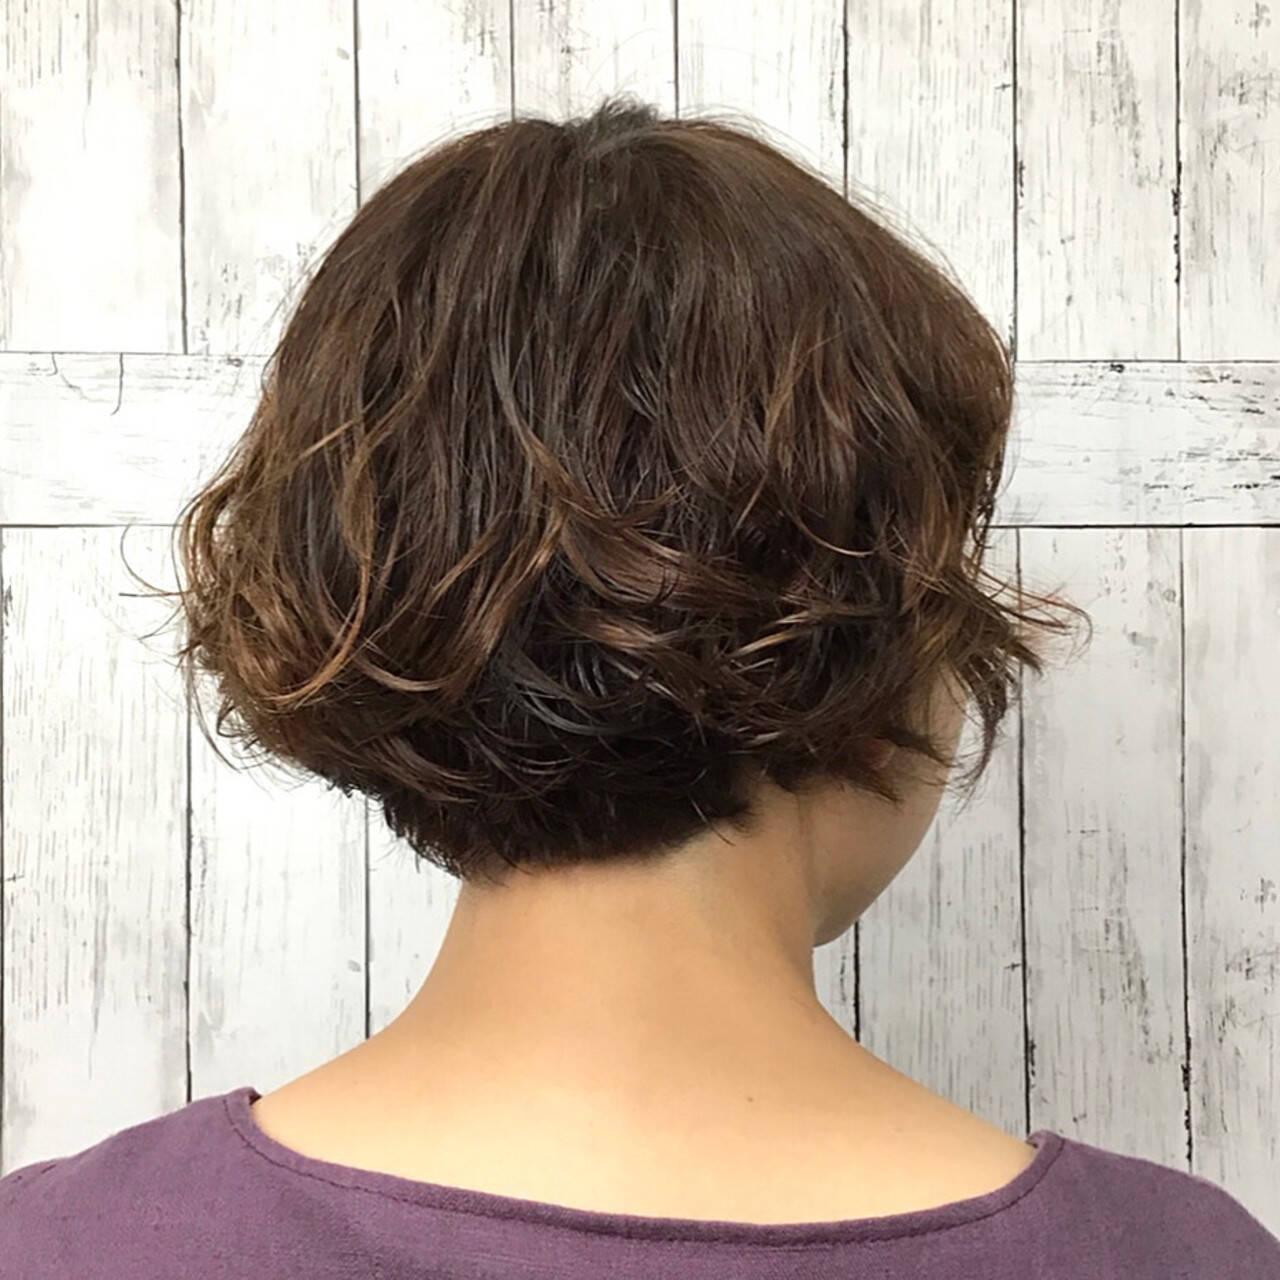 パーマ ボブ かわいい ボブヘアスタイルや髪型の写真・画像